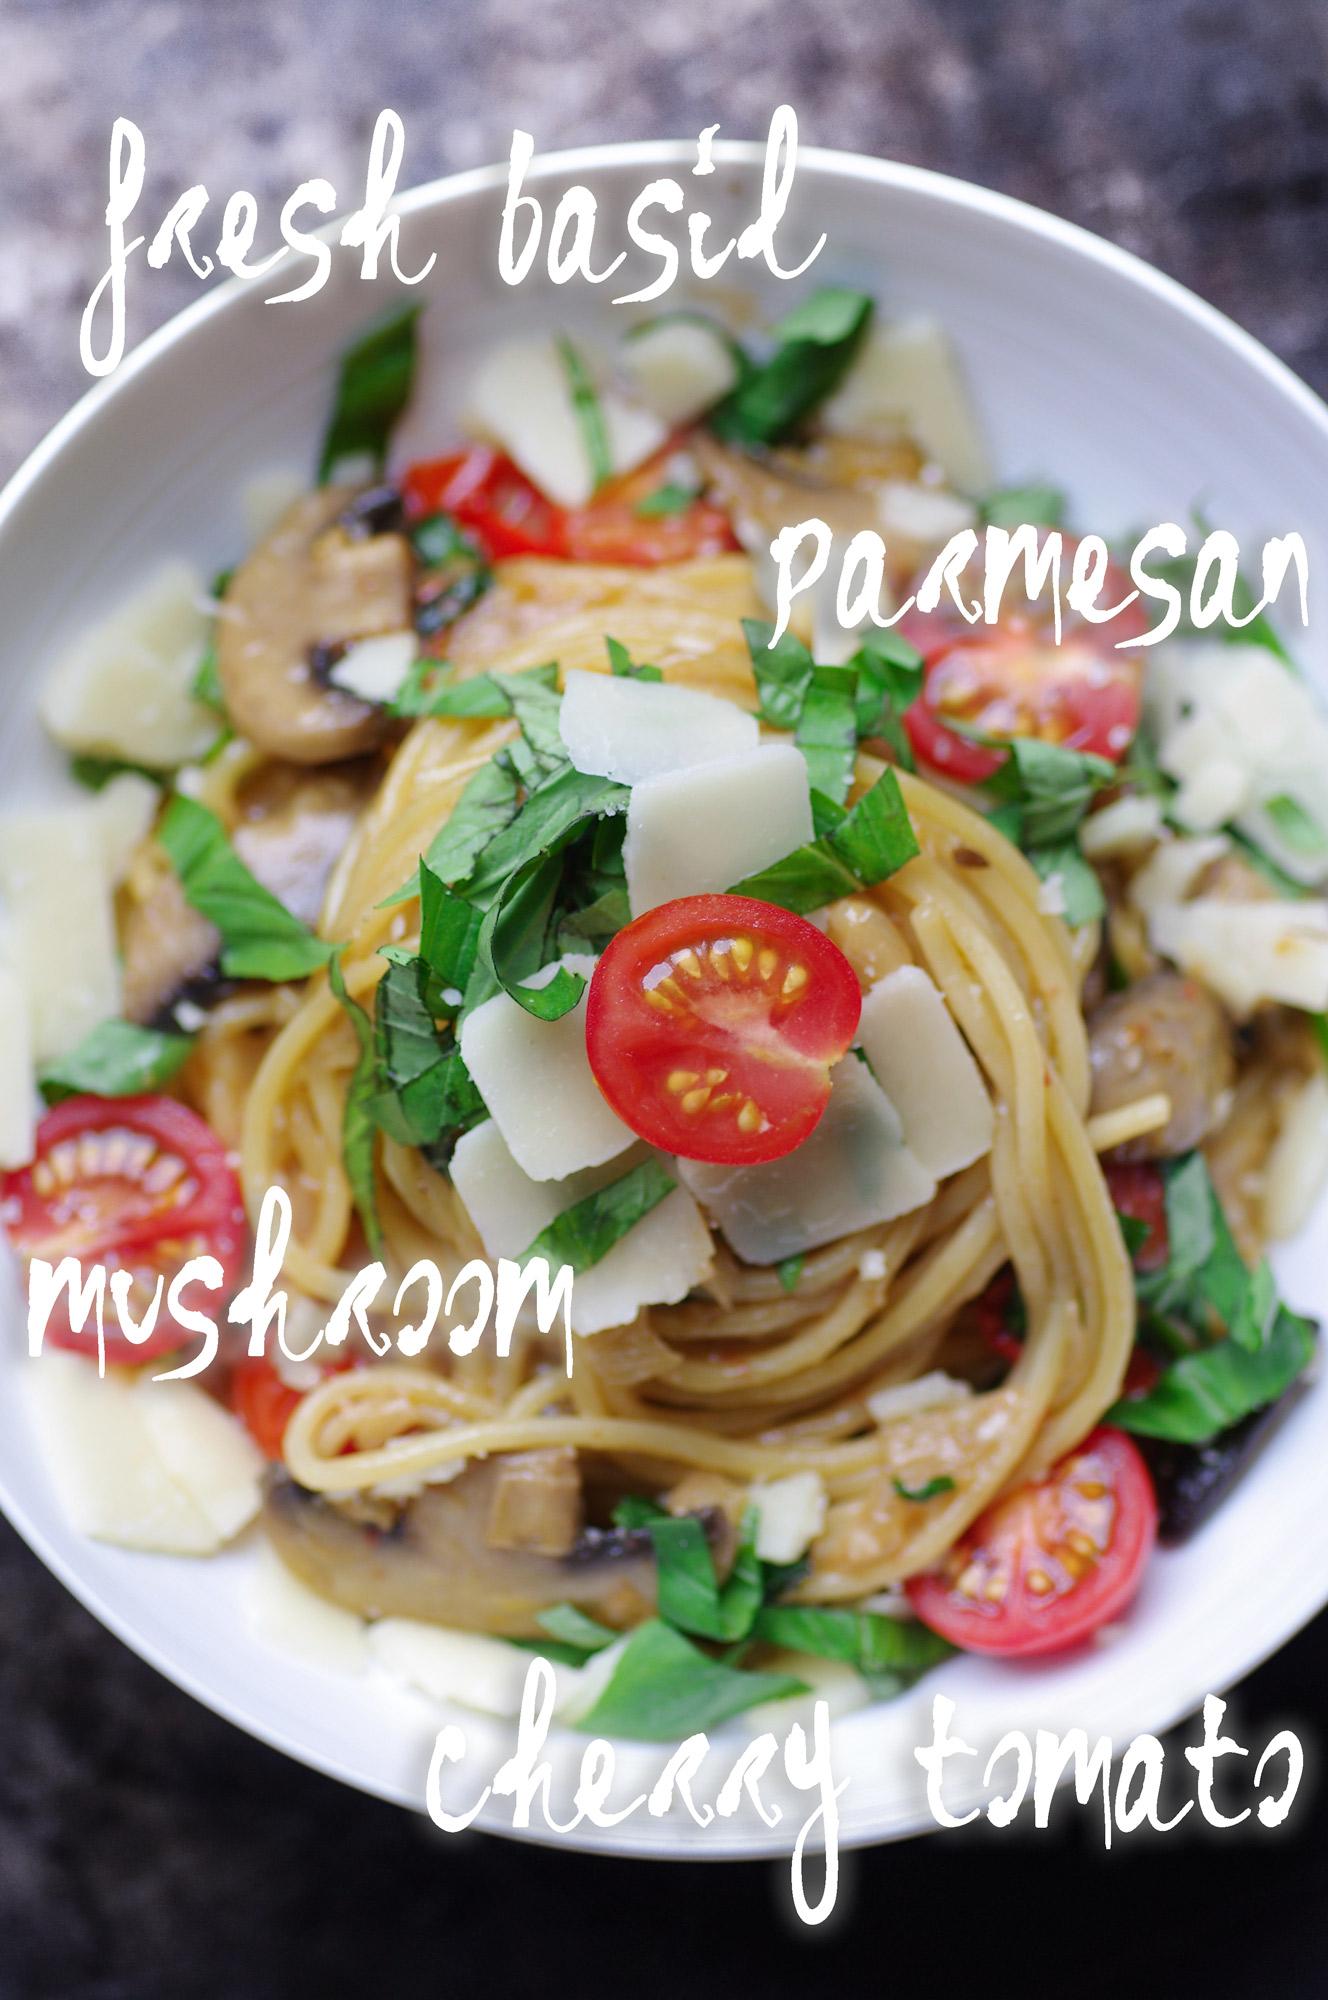 """, recette, blog, blogger, food, cooking, miel, honey, herbs, veggie, easy, quick,croustillant, camembert ,cheese, cheesy, fromage, coulant, croustillant, kasher, kosher, soupe, soup , velouté, creme; cream; legumes, verdures, healthy, veggie, vegan , pesto , pasta , cheese, basilic , olive oil , italiano, pâte, pate, sauce, cilantro , avocado, avocat, vegan, healthy, diet, legumes, léger, guacamole ;healthy, sushi, raw, fish, tatami, asian,asiatic, tartar, salmon , saumon, ginger,apple, tartare, quinoa; salad, bowl, avocado, avocat, legumes, sain, diet, vegetable, salade, salad, pate, pasta, cream , creme, mushroom, champignon, cheese, parmesan, fromage ,c'était un dimanche et il ne me restait pas grand chose dans mon frigo. quelques tomates cerises de bonnes qualités, des champignons de paris et des oignons.  mon mari avait faim , j'ai ouvert mon réfrigérateur et je me suis dit  """" fait des spaghetti avec"""" visiblement c'était une bonne idée car je ne l'avais jamais vu engloutir une telle quantité de pâte.  comme quoi  des fois c'est quand il ne reste pas grand chose dans les placards qu'on sort les meilleurs plats"""